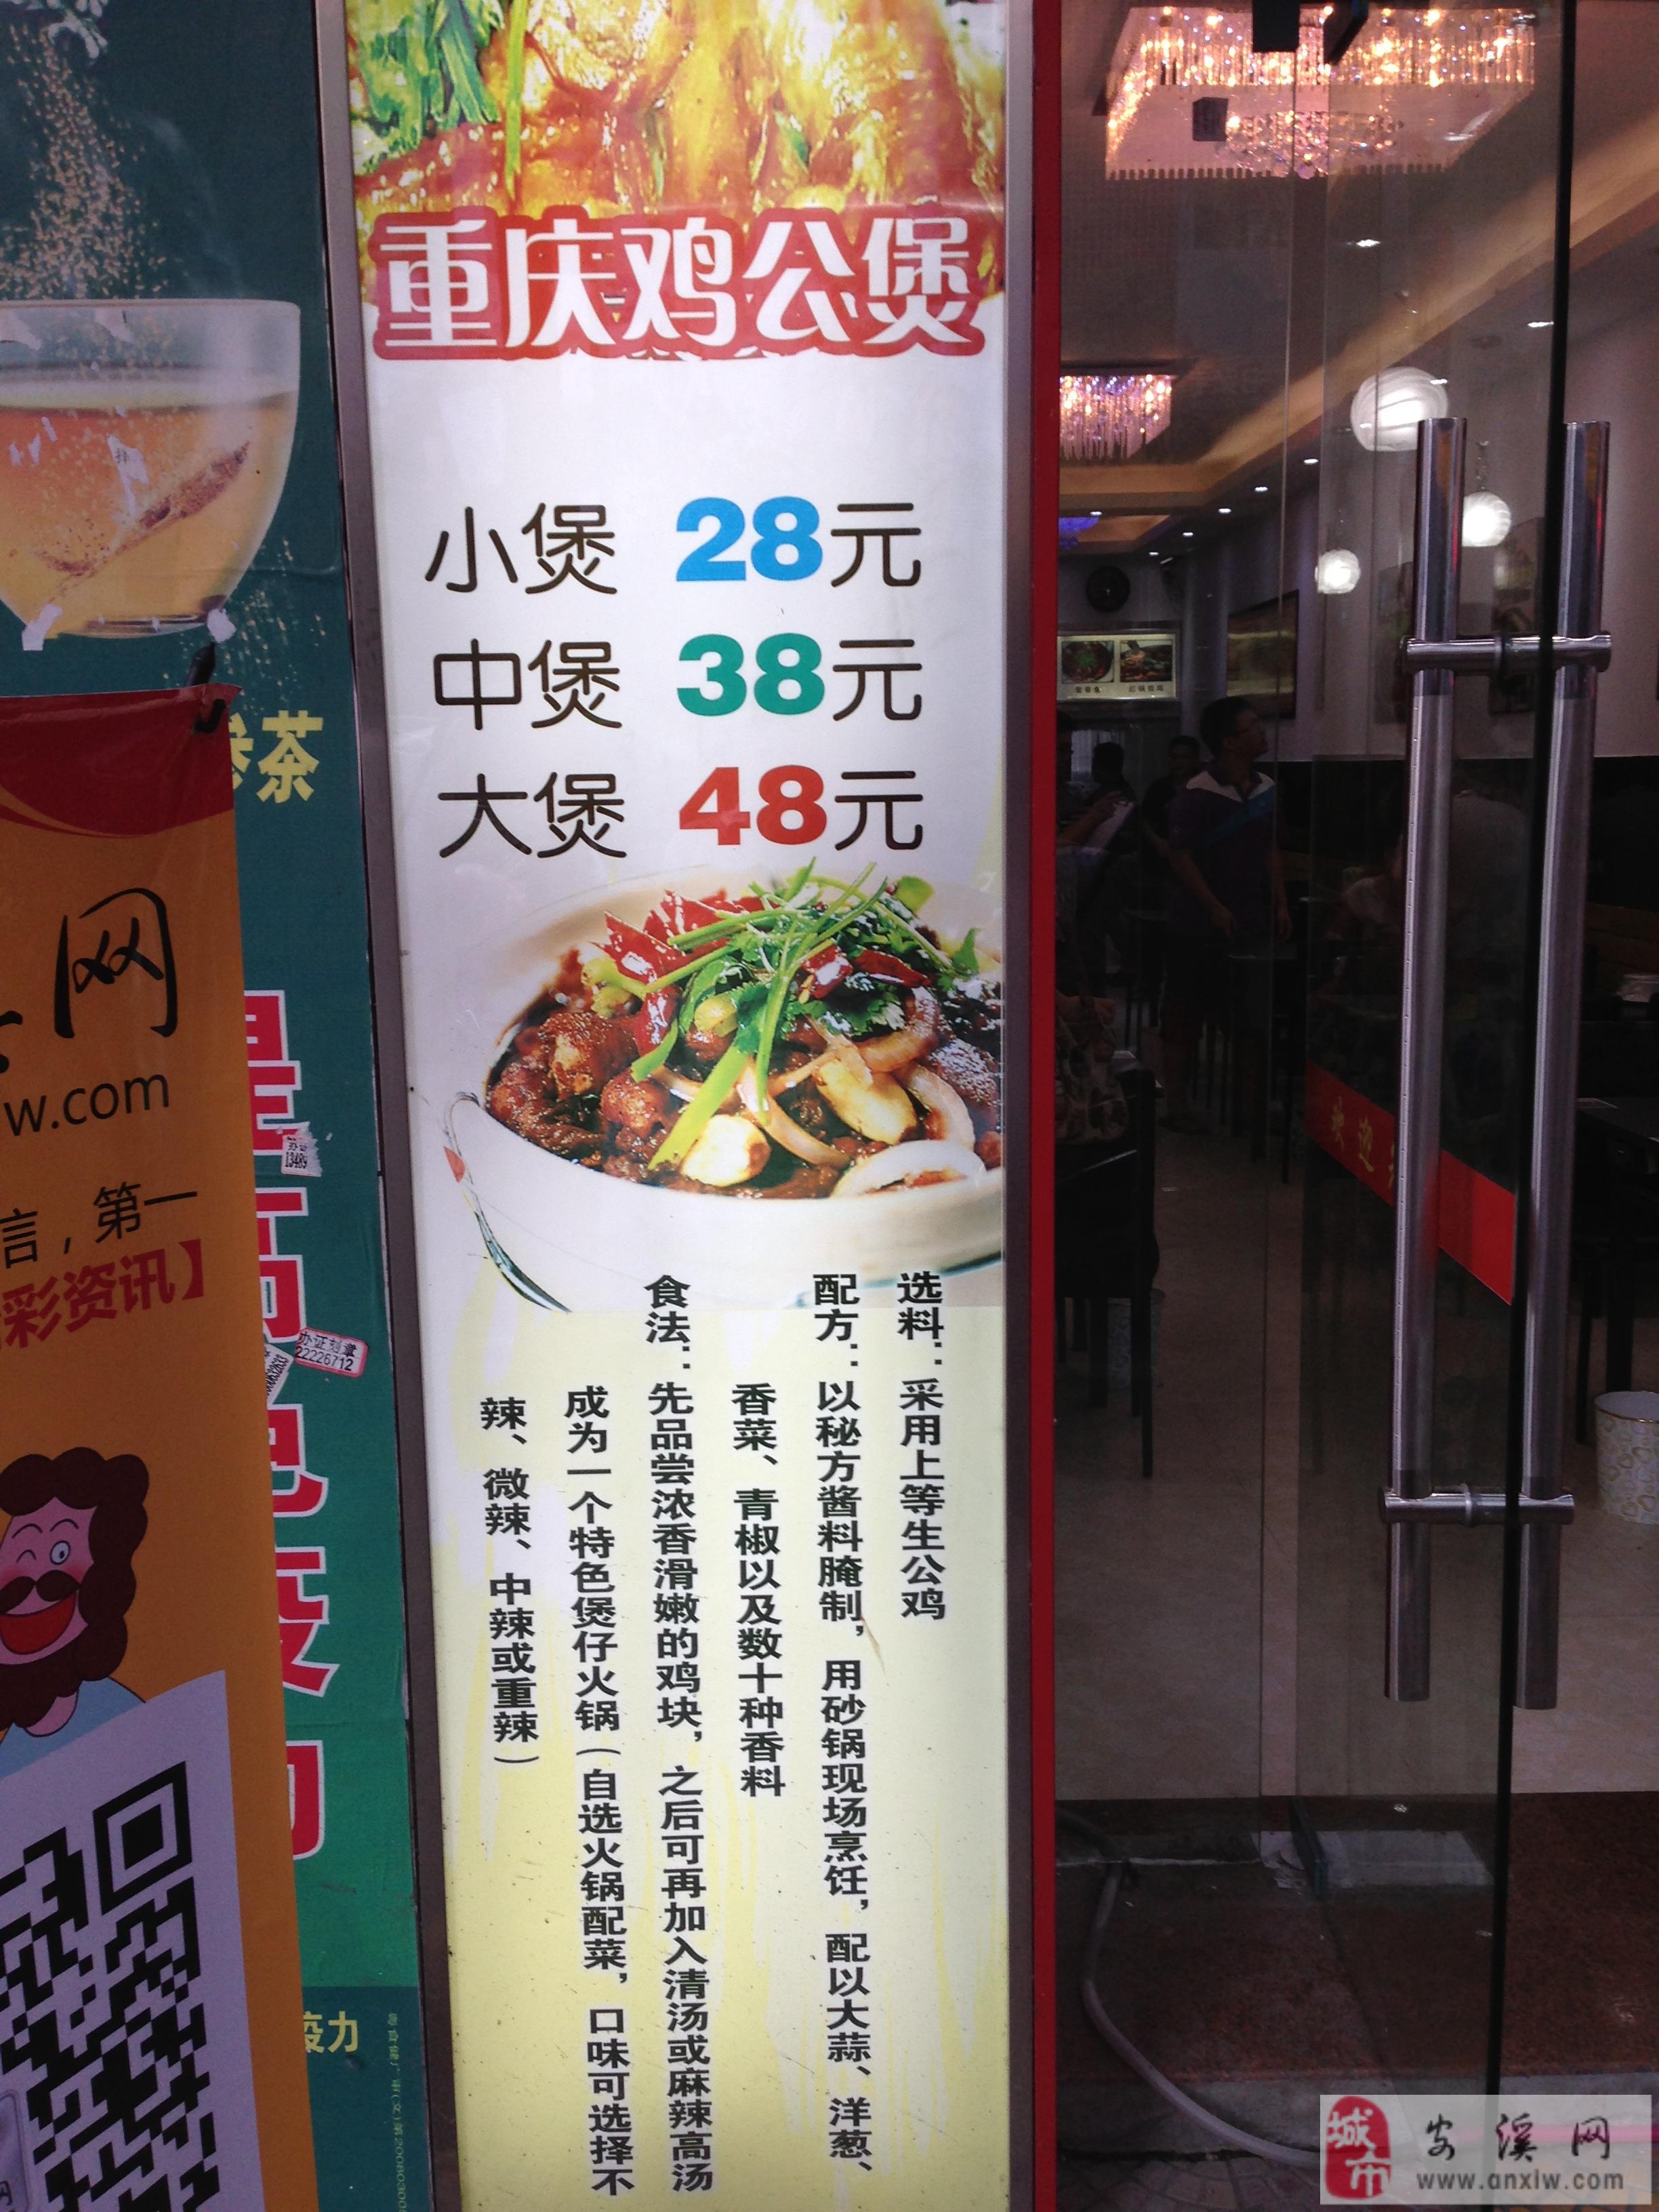 【安溪网美食盛典第5期――重庆鸡公煲】美女